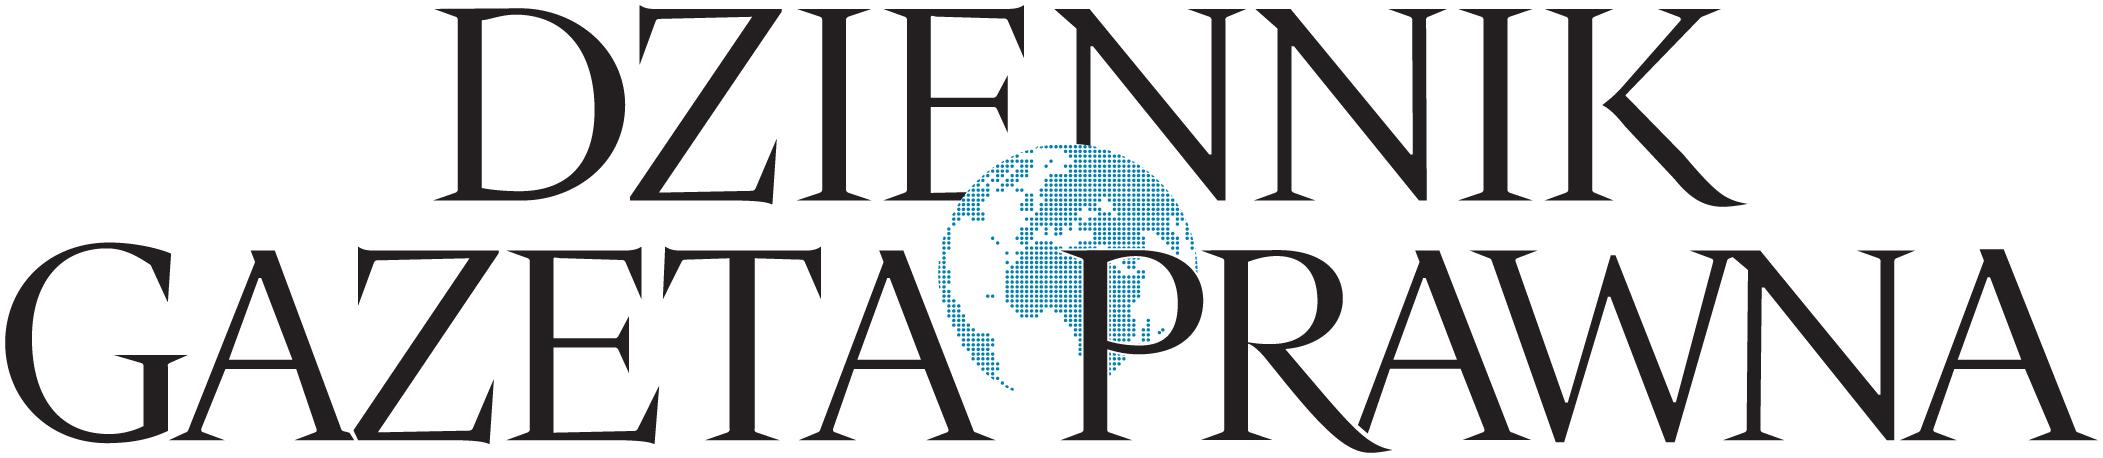 Znalezione obrazy dla zapytania logo do gazeta prawna